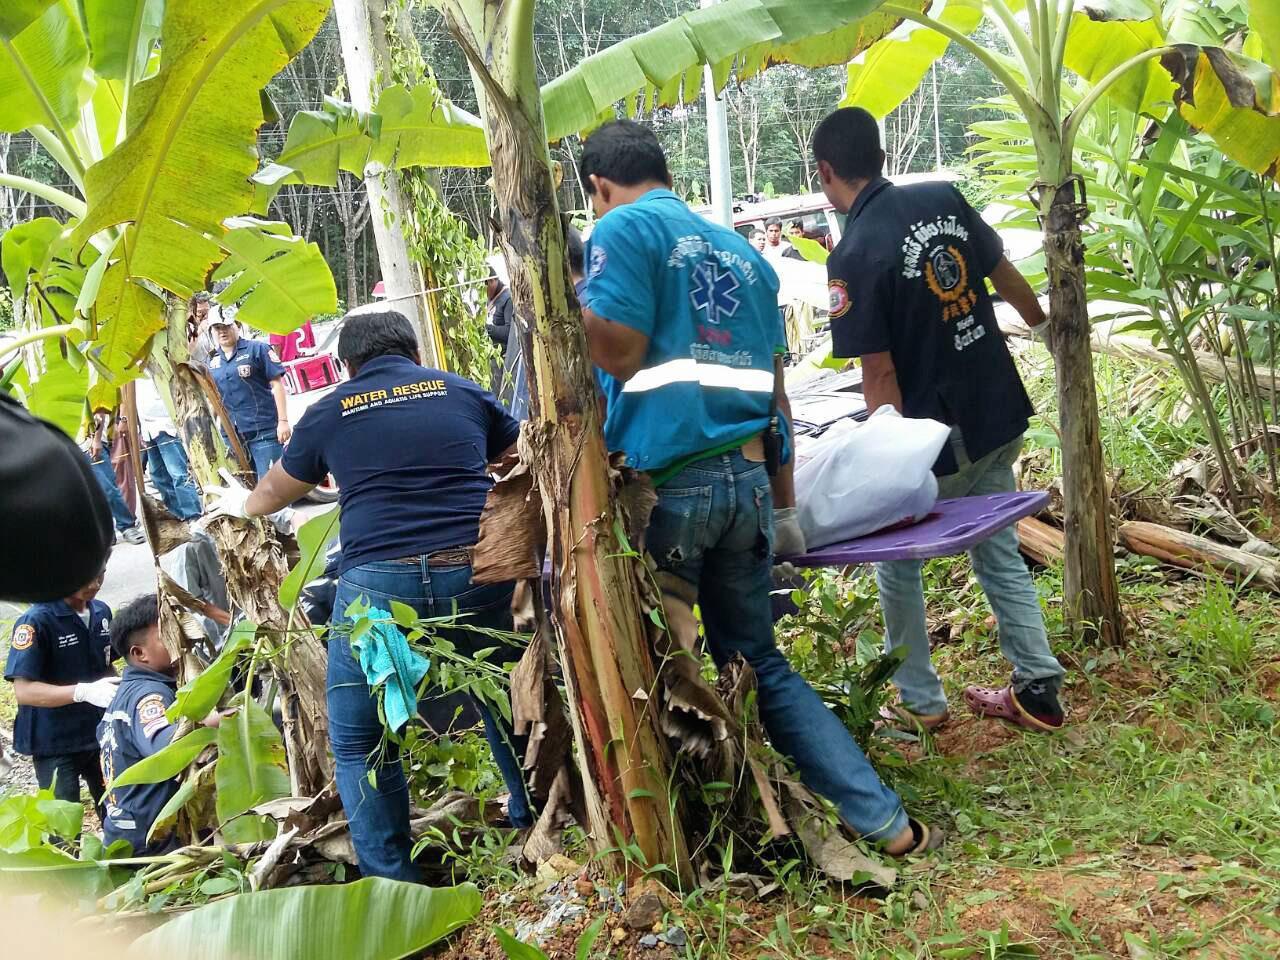 กู้ภัยน้ำร่างผู้เสียชีวิตออกจากจุดเกิดเหตุ เพื่อไปชันสูตรพลิกศพ